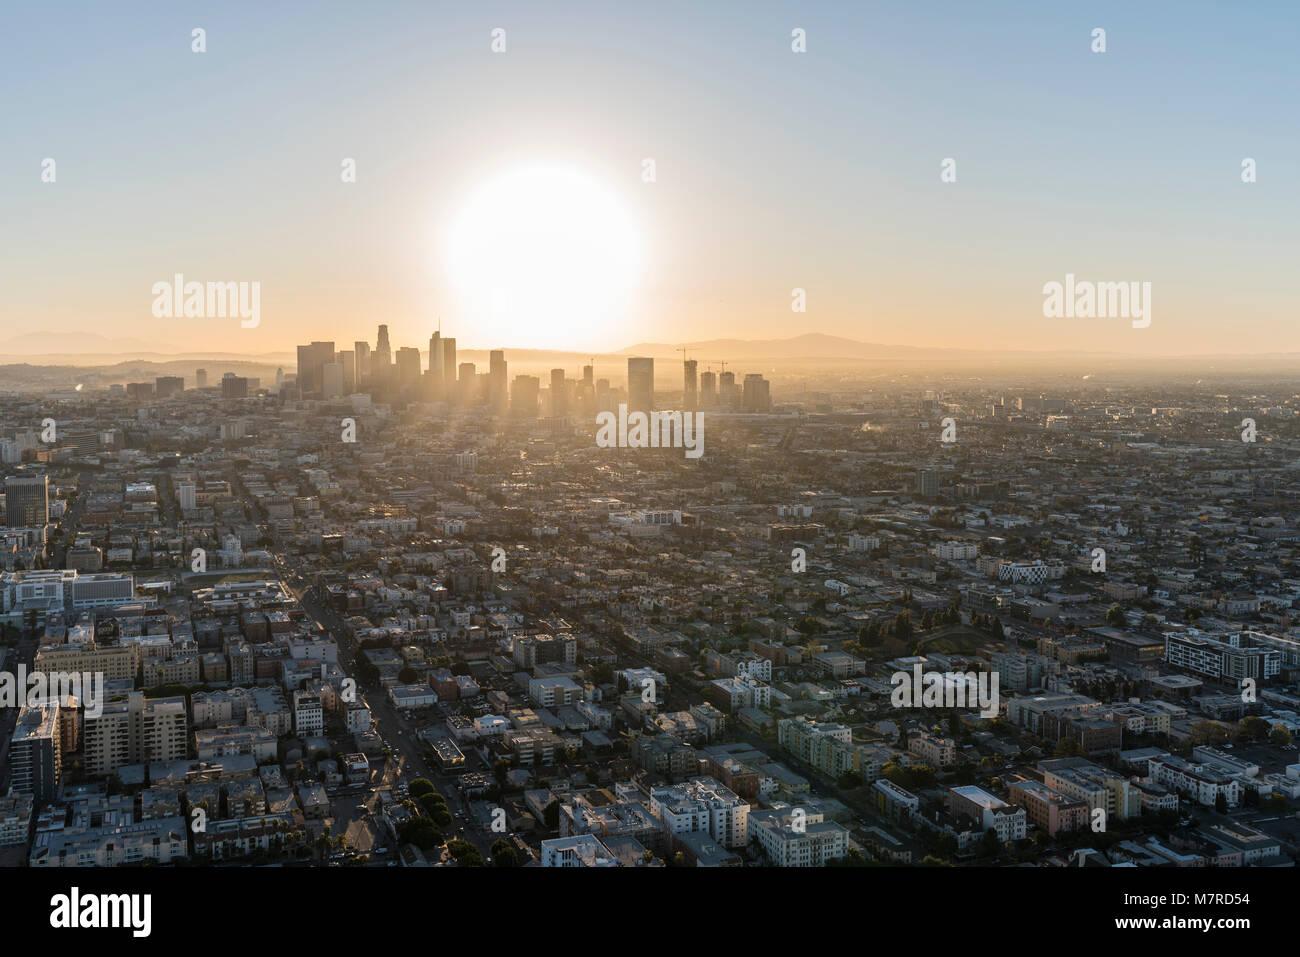 Vista aérea del amanecer detrás de calles y edificios en el núcleo urbano de Los Ángeles, California. Imagen De Stock